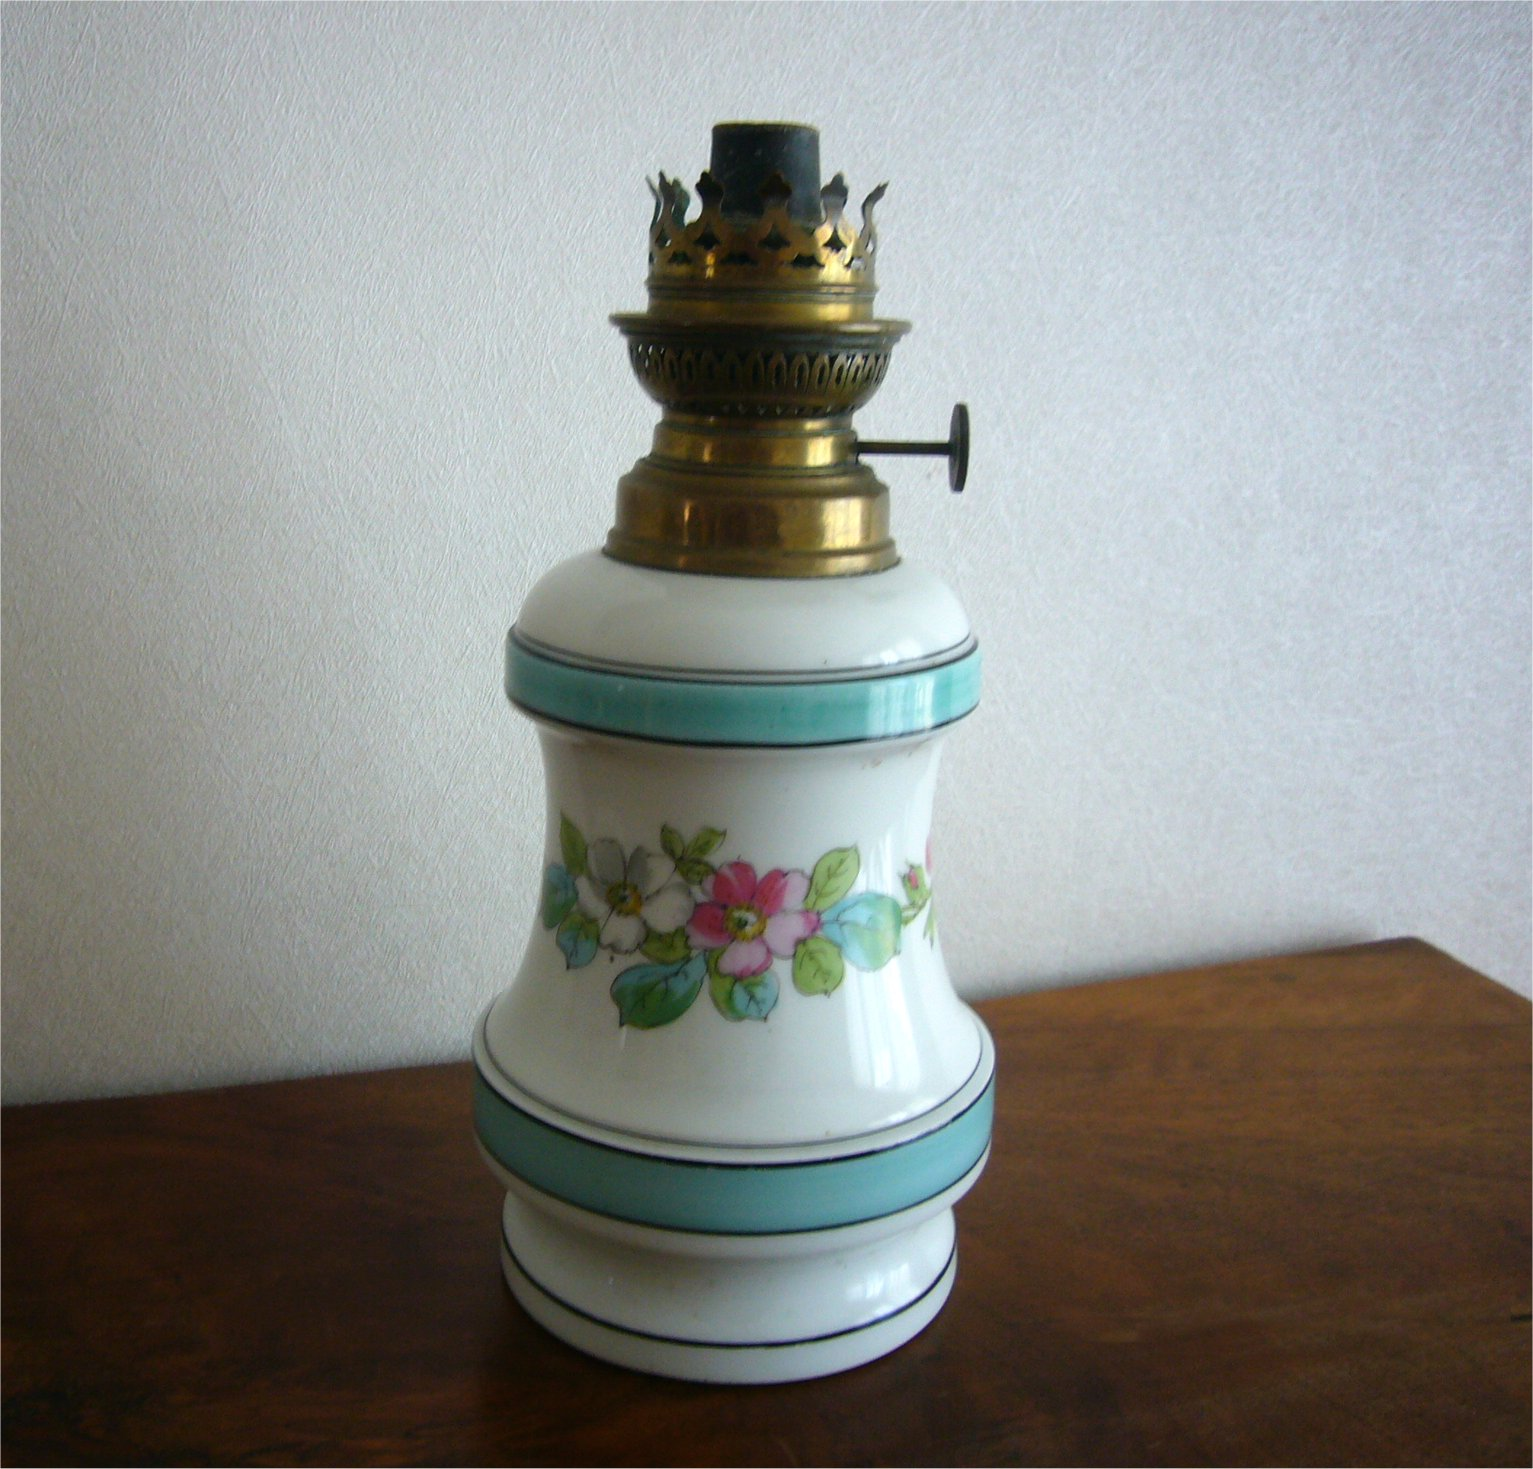 ancienne lampe a petrole en porcelaine avec sa meche ebay. Black Bedroom Furniture Sets. Home Design Ideas